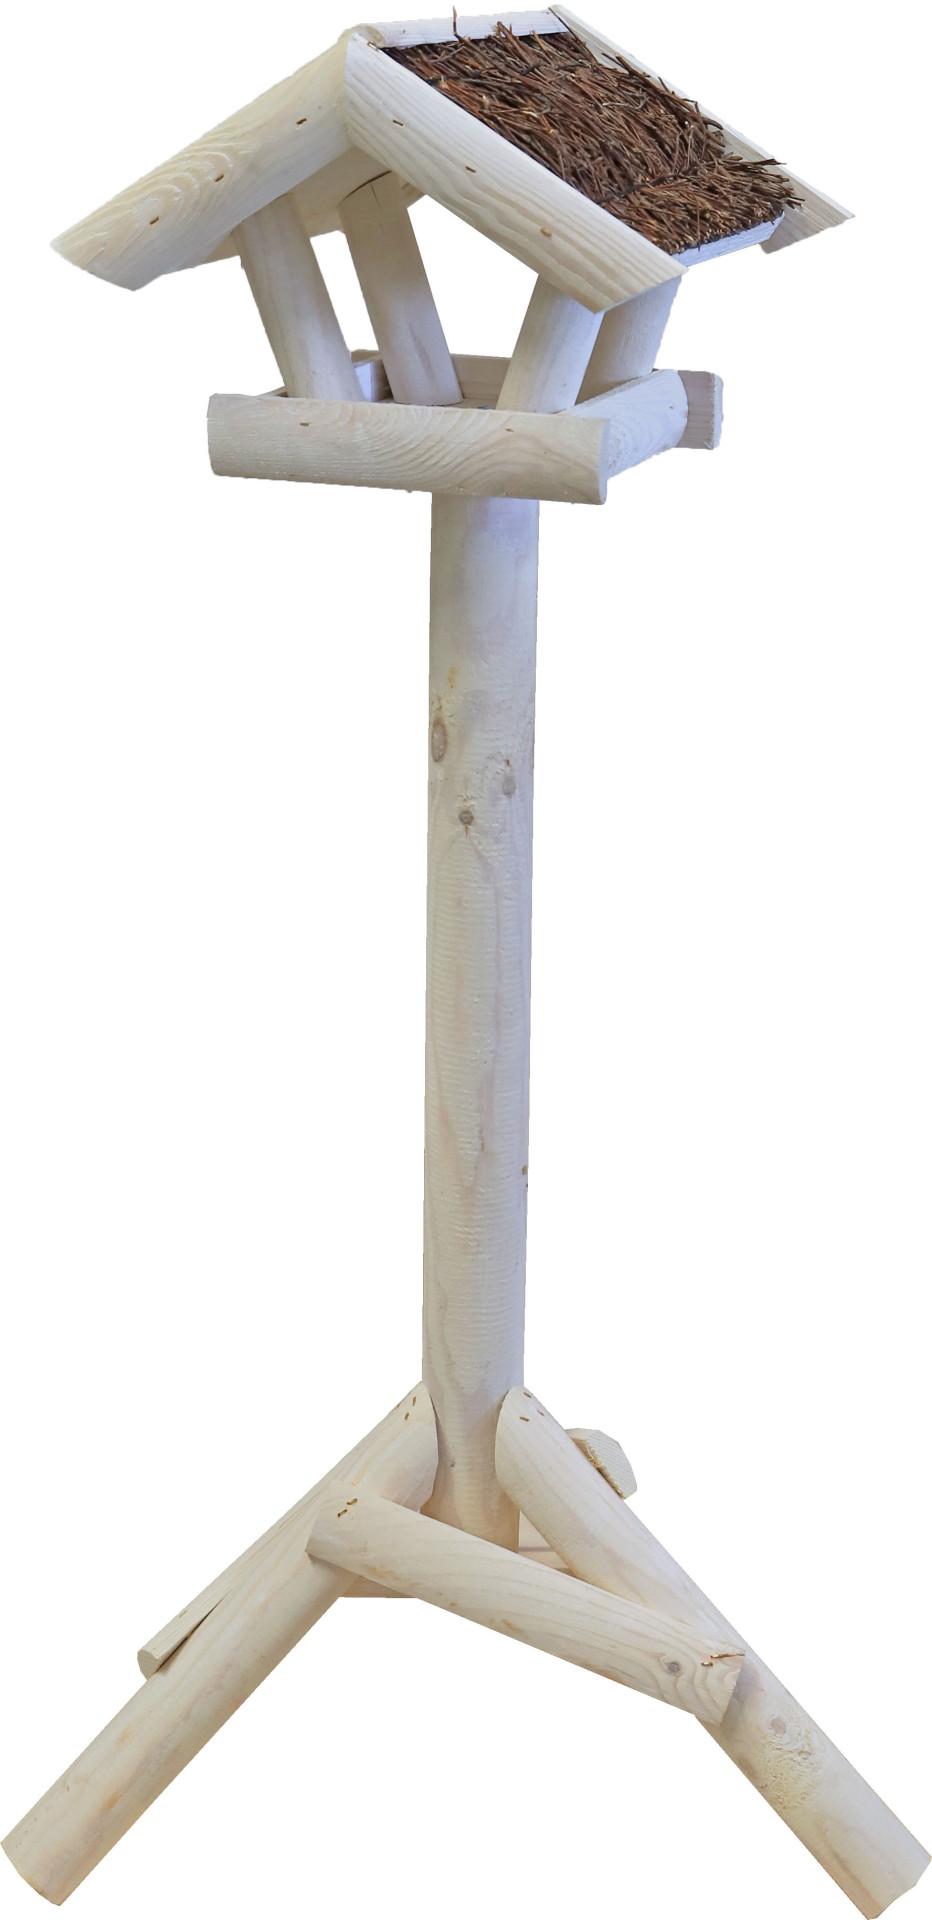 Voederhuis mini met tenen dak wit